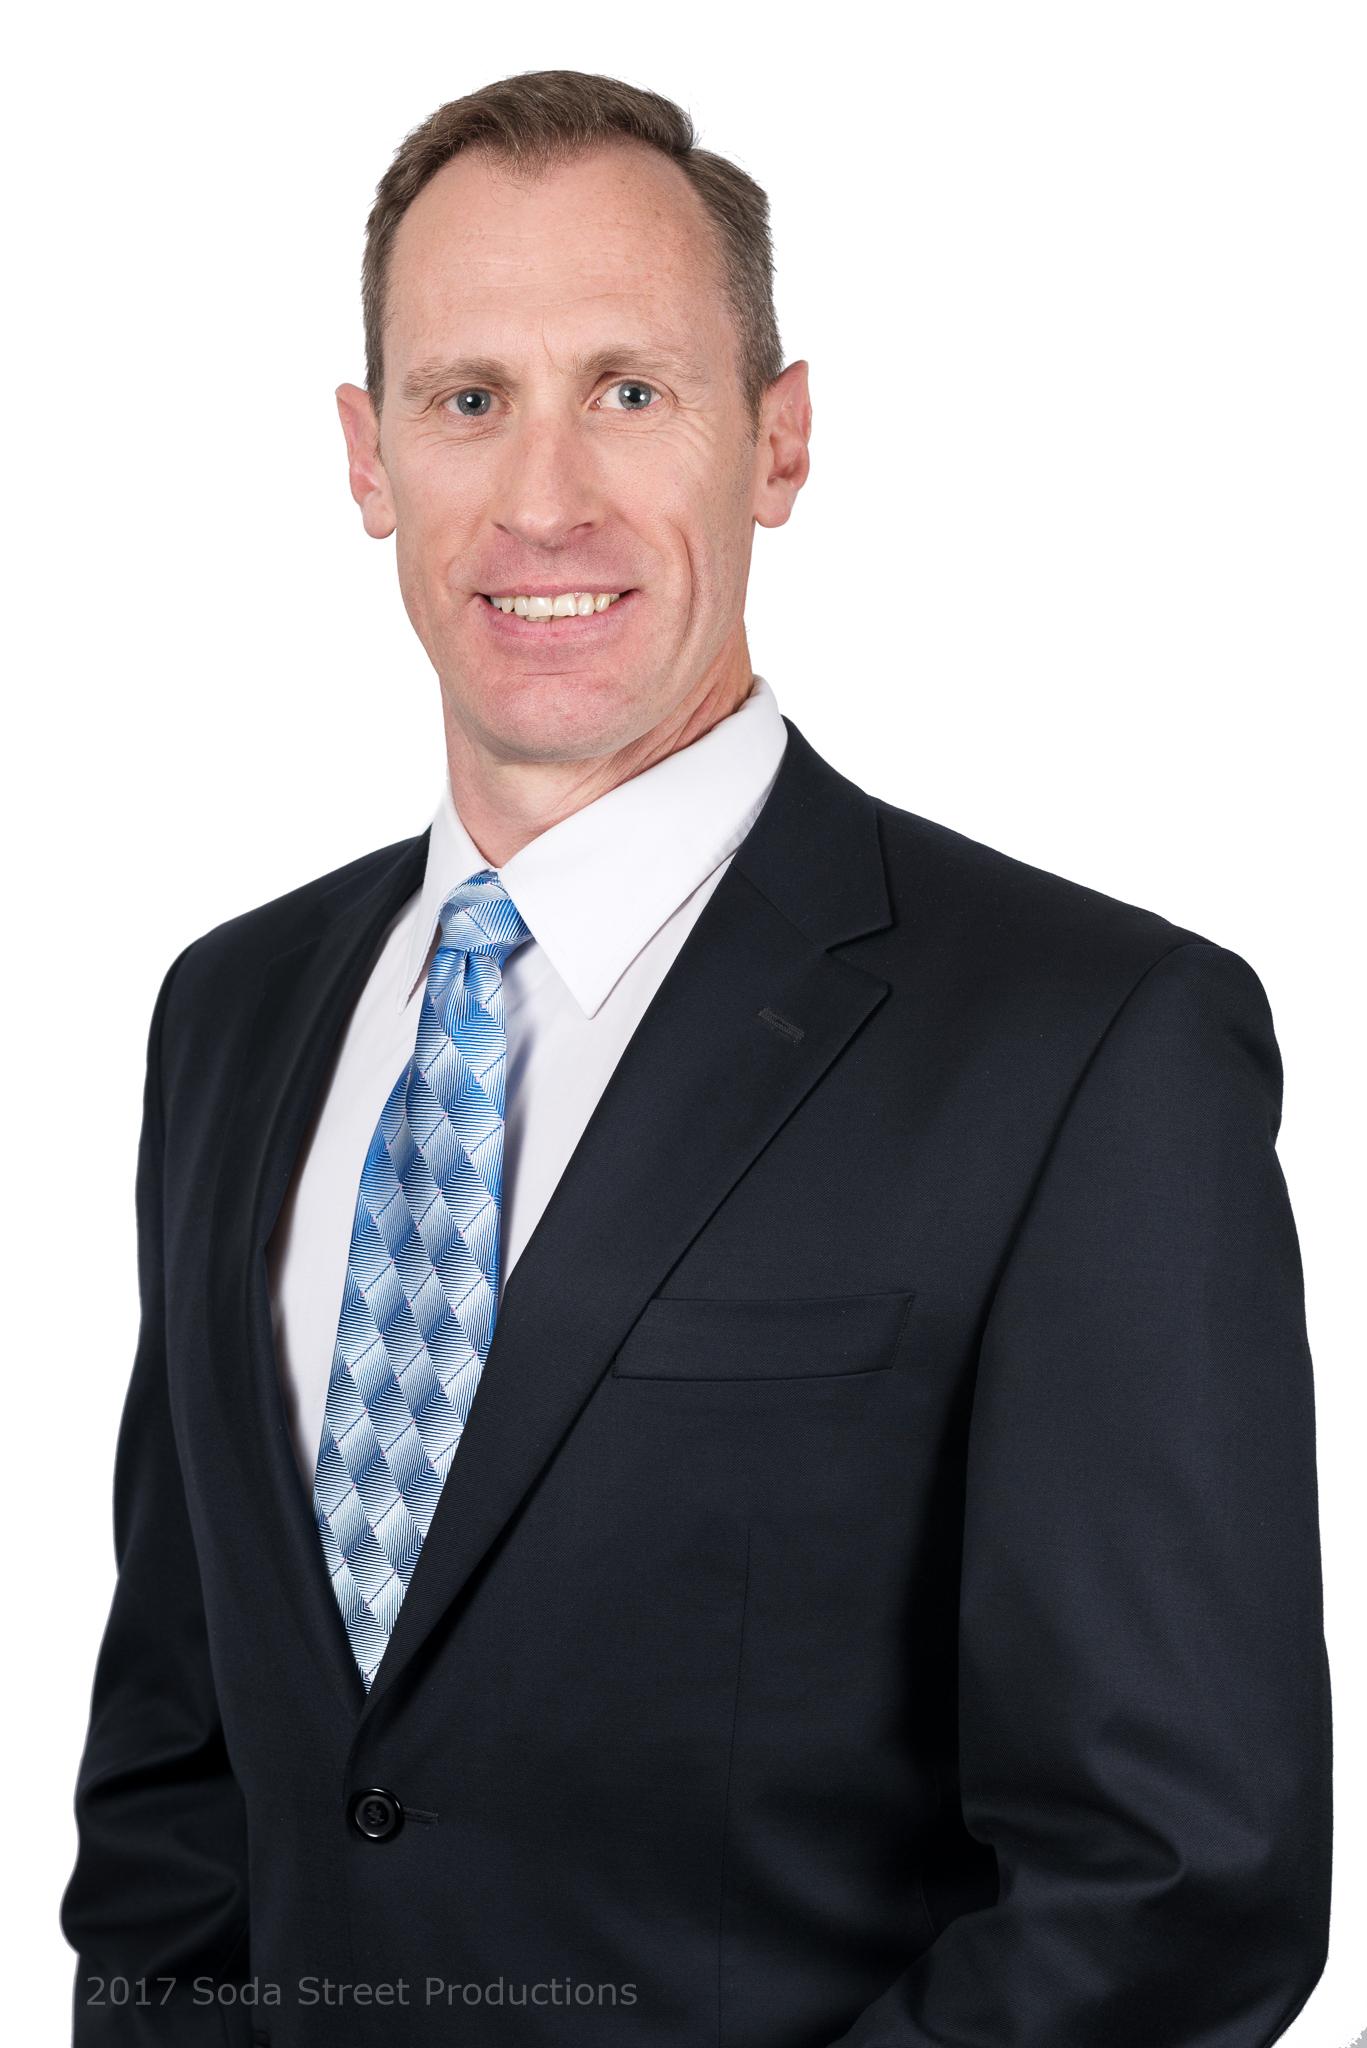 Dirk Smith